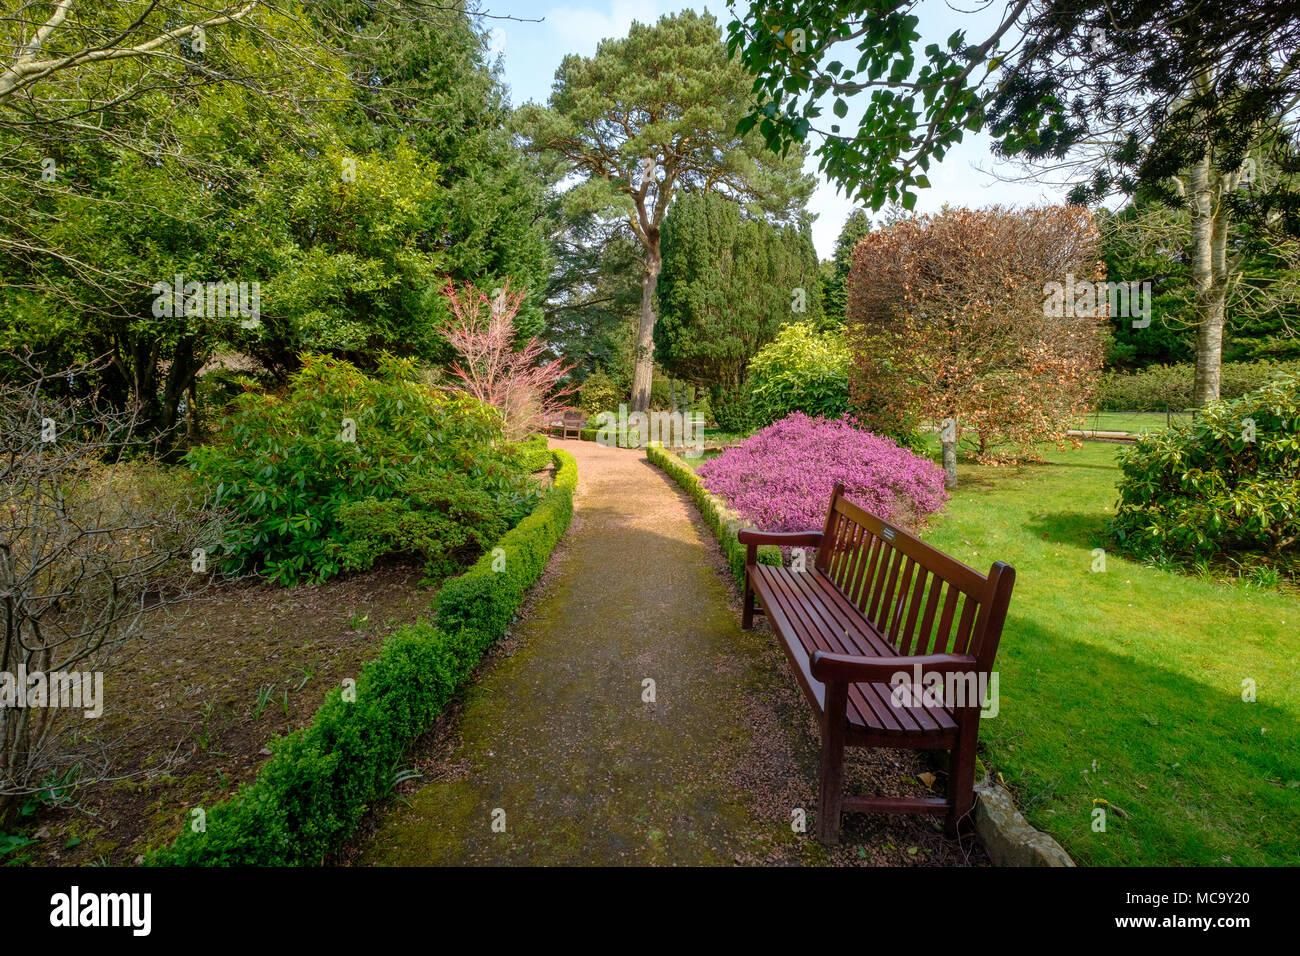 Garden Centre: Burns Memorial Stock Photos & Burns Memorial Stock Images